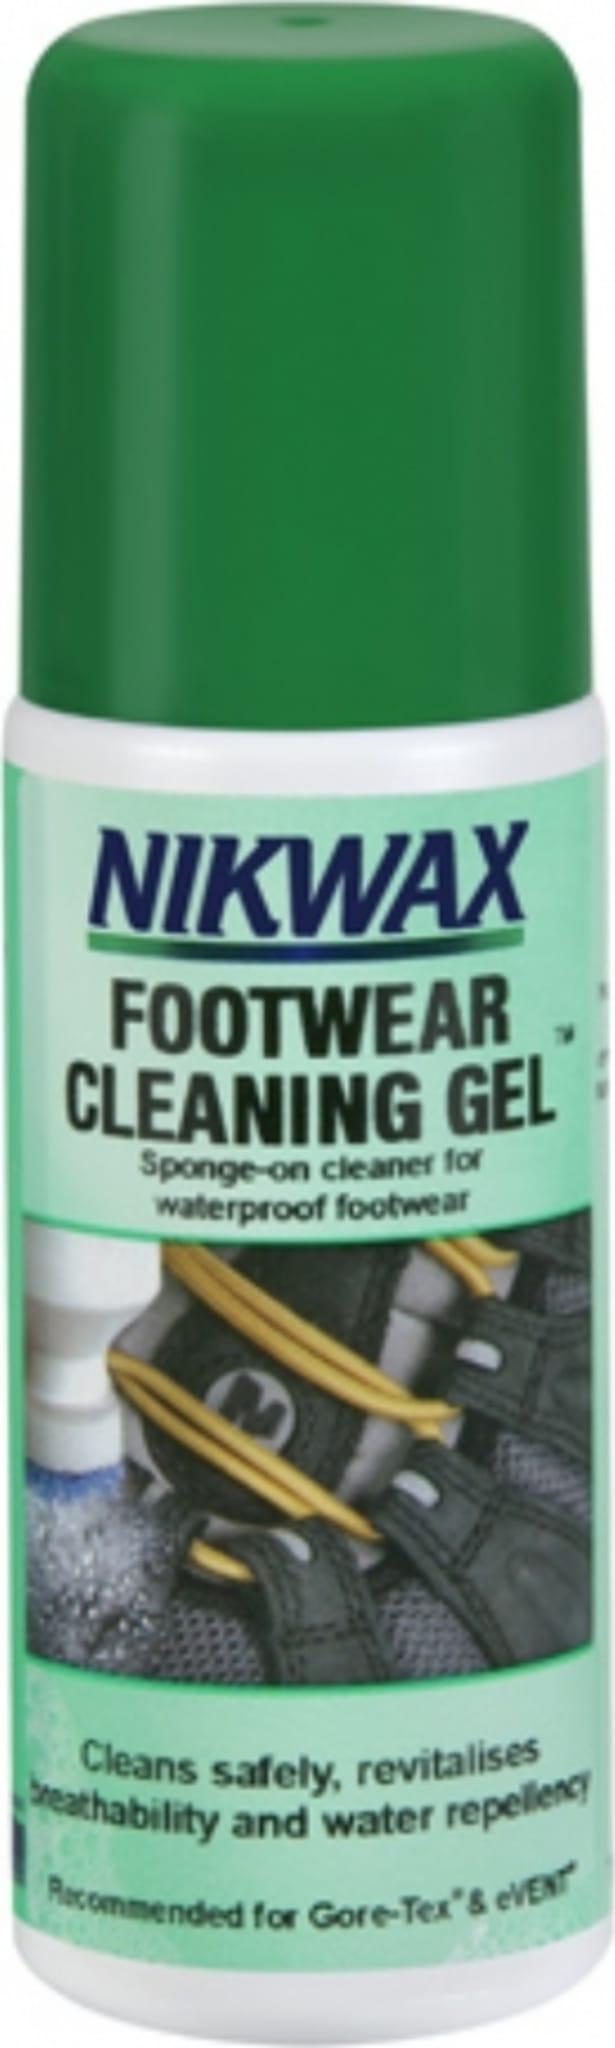 Vaskemiddel for skånsom og effektiv rengjøring av lær og annet impregnert materiale